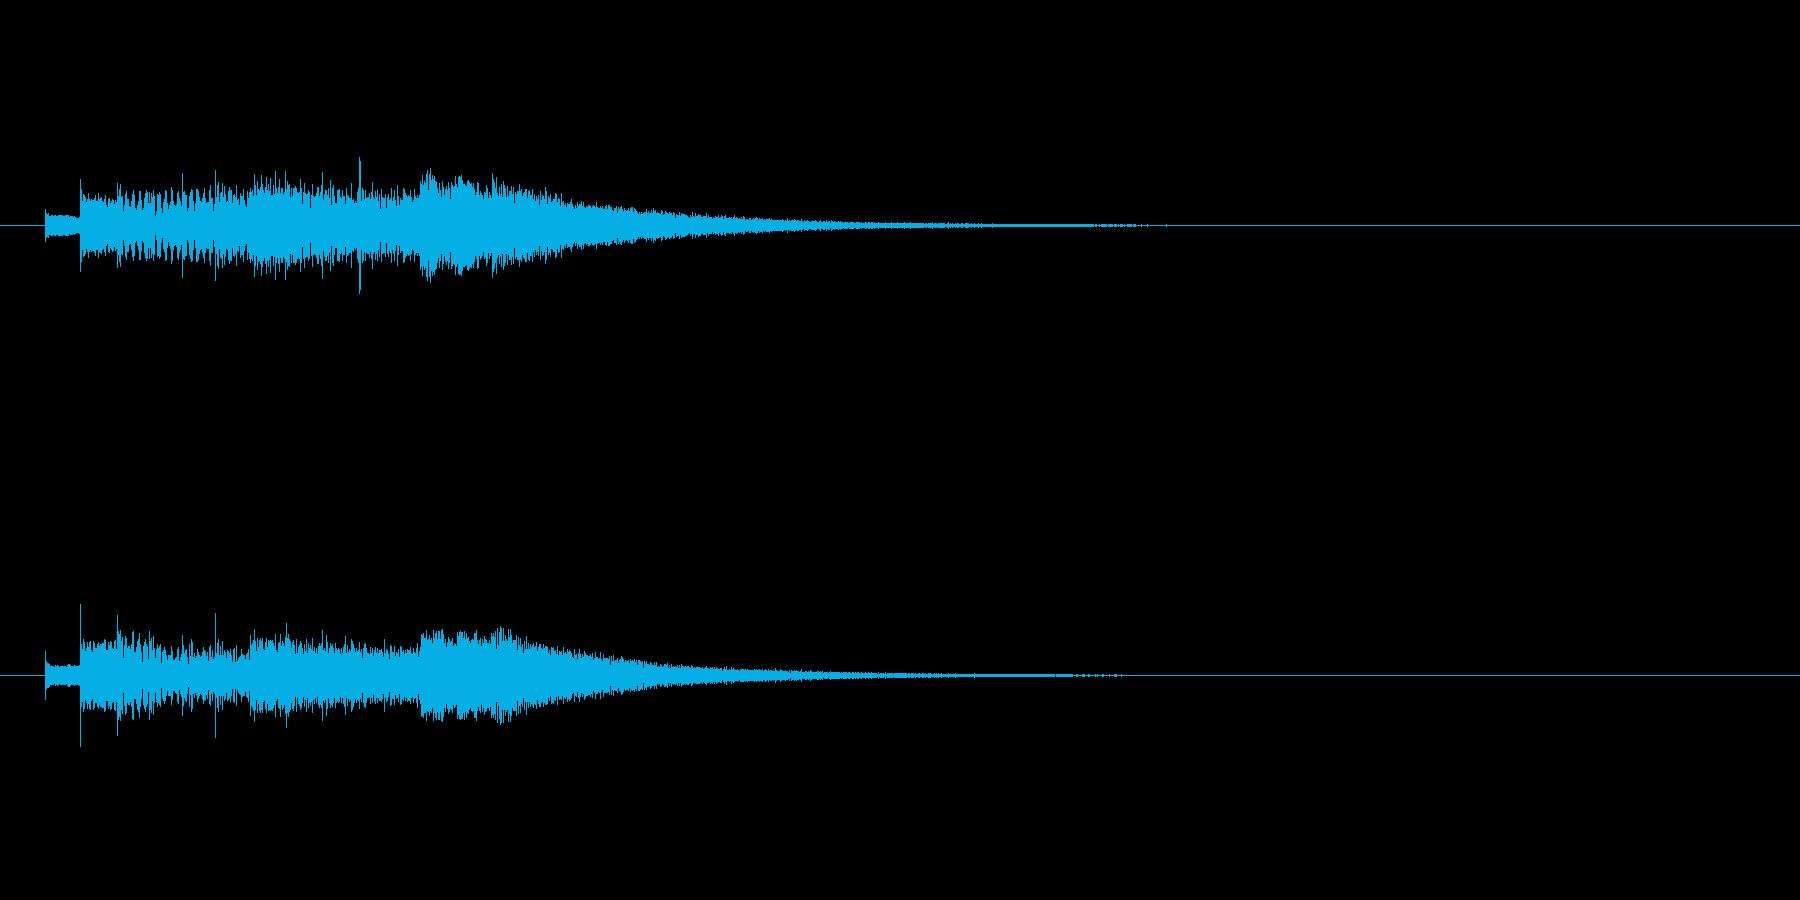 キラキラキラキラ/グロッケン綺麗な上昇音の再生済みの波形